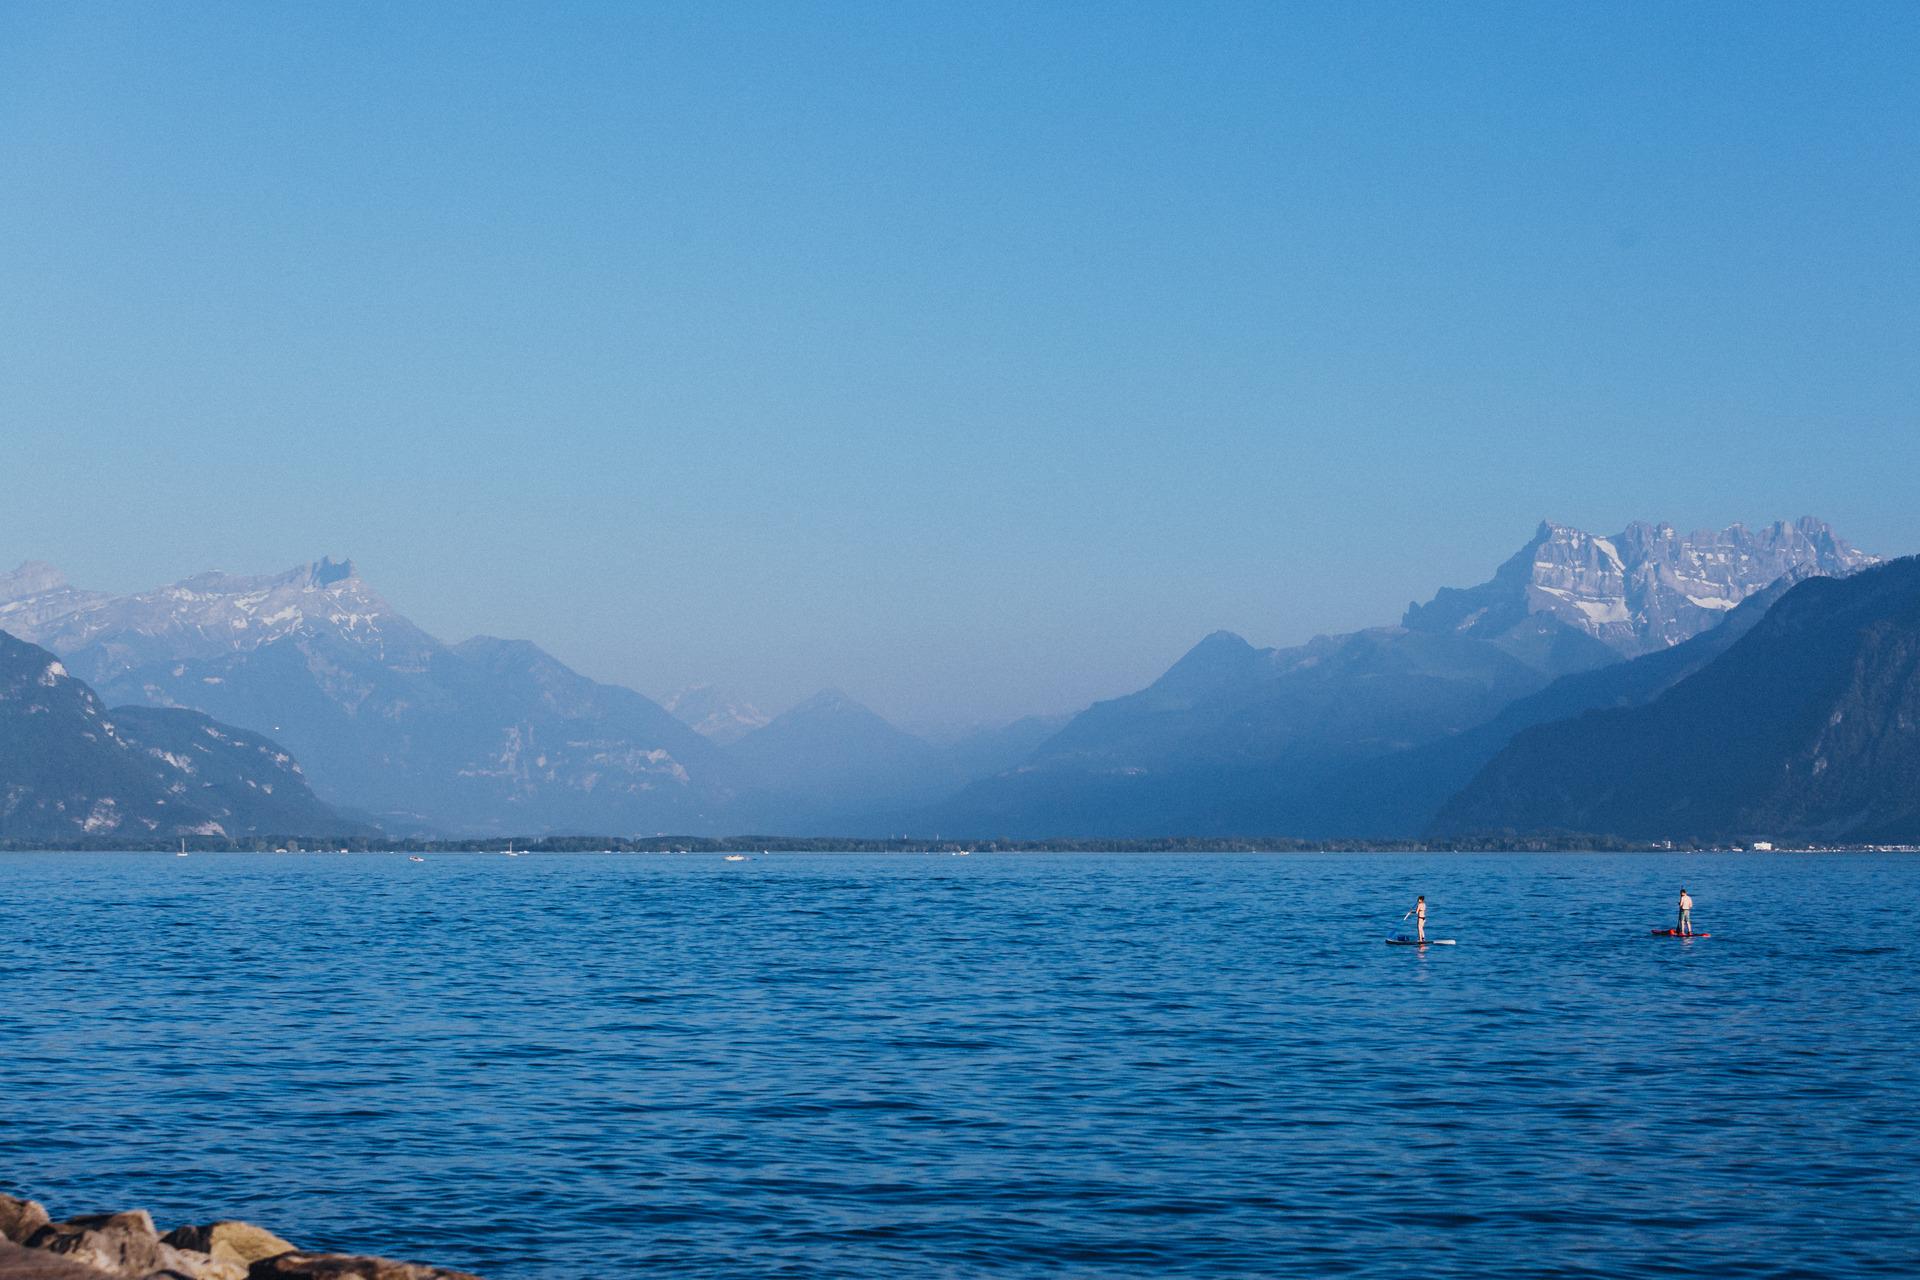 vevey, suisse, chaplin, suica, nestle, max brito fotografo, fotografia, fotografo de joao pessoa, europa, fine art , chaplin